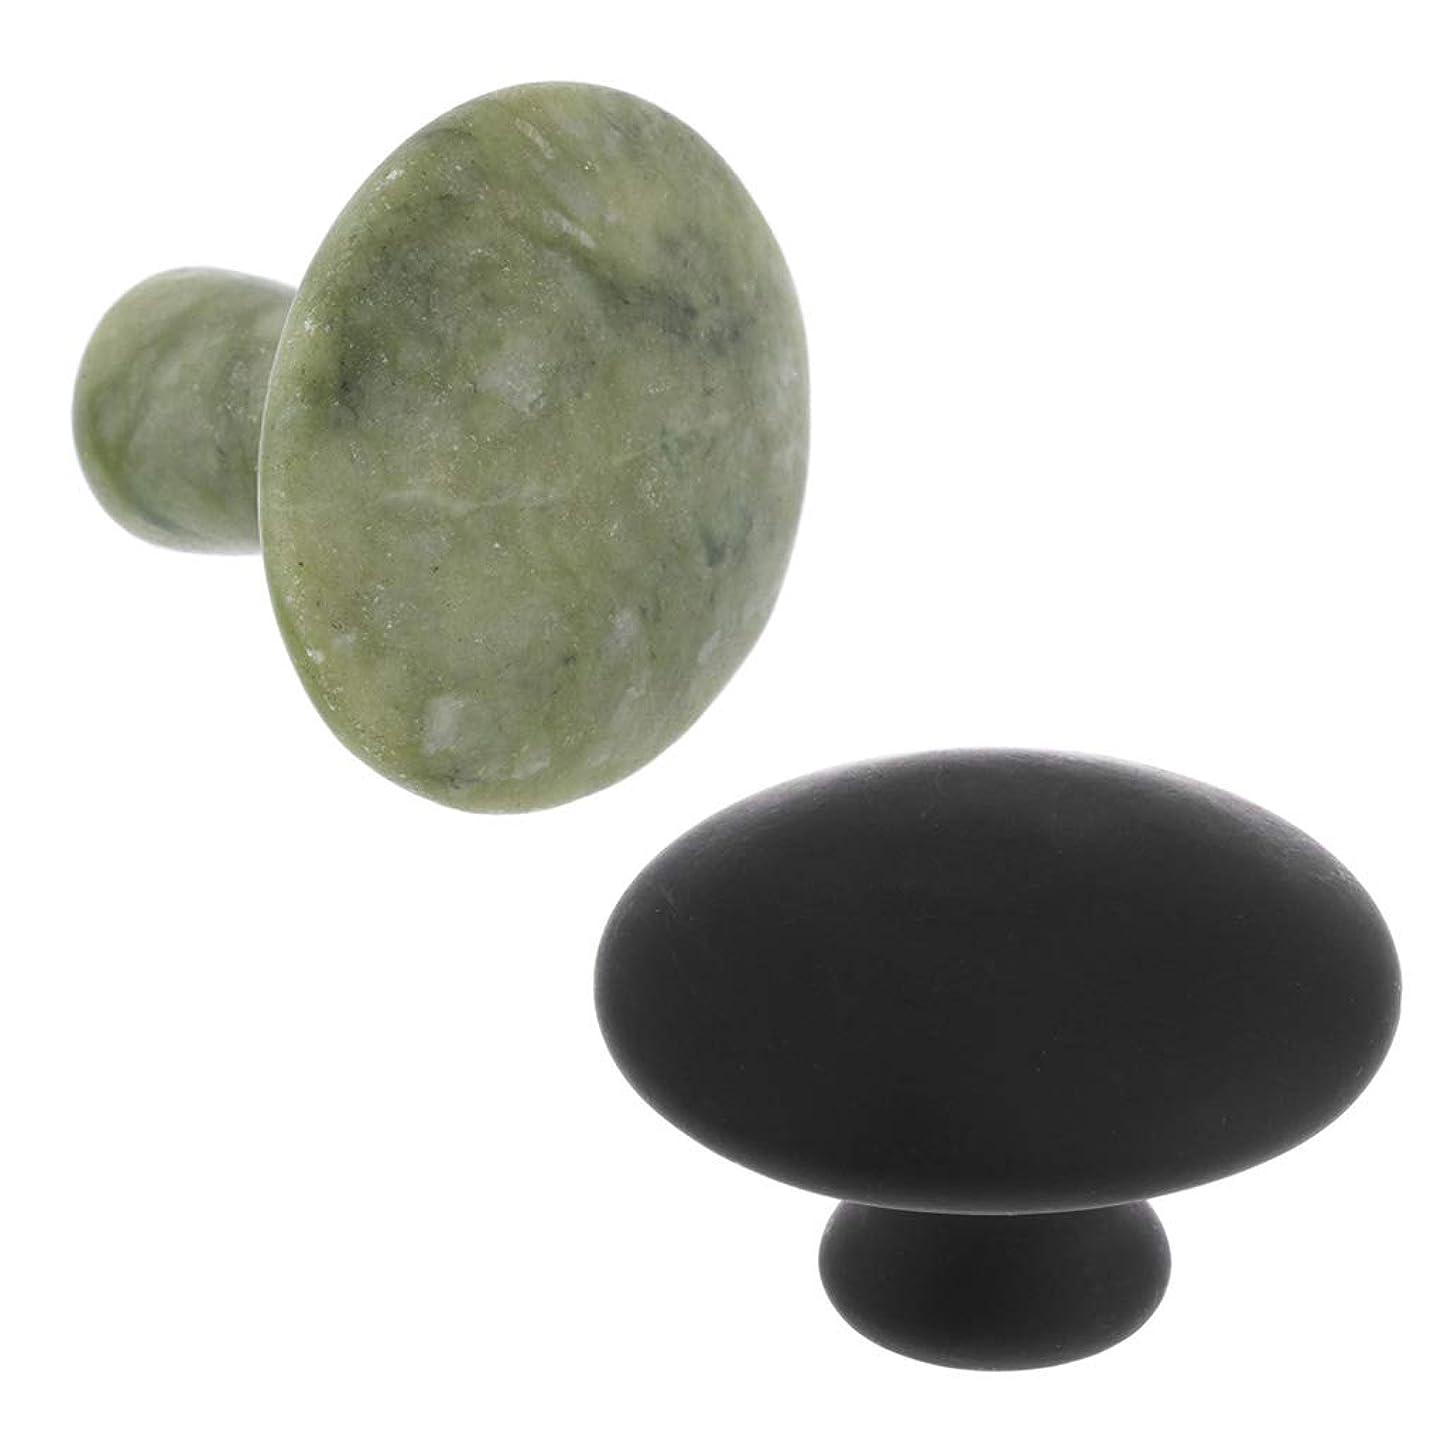 助言するベーカリーリビングルームBaoblaze 2個 マッサージ石 マッサージストーン 天然石 アロマ